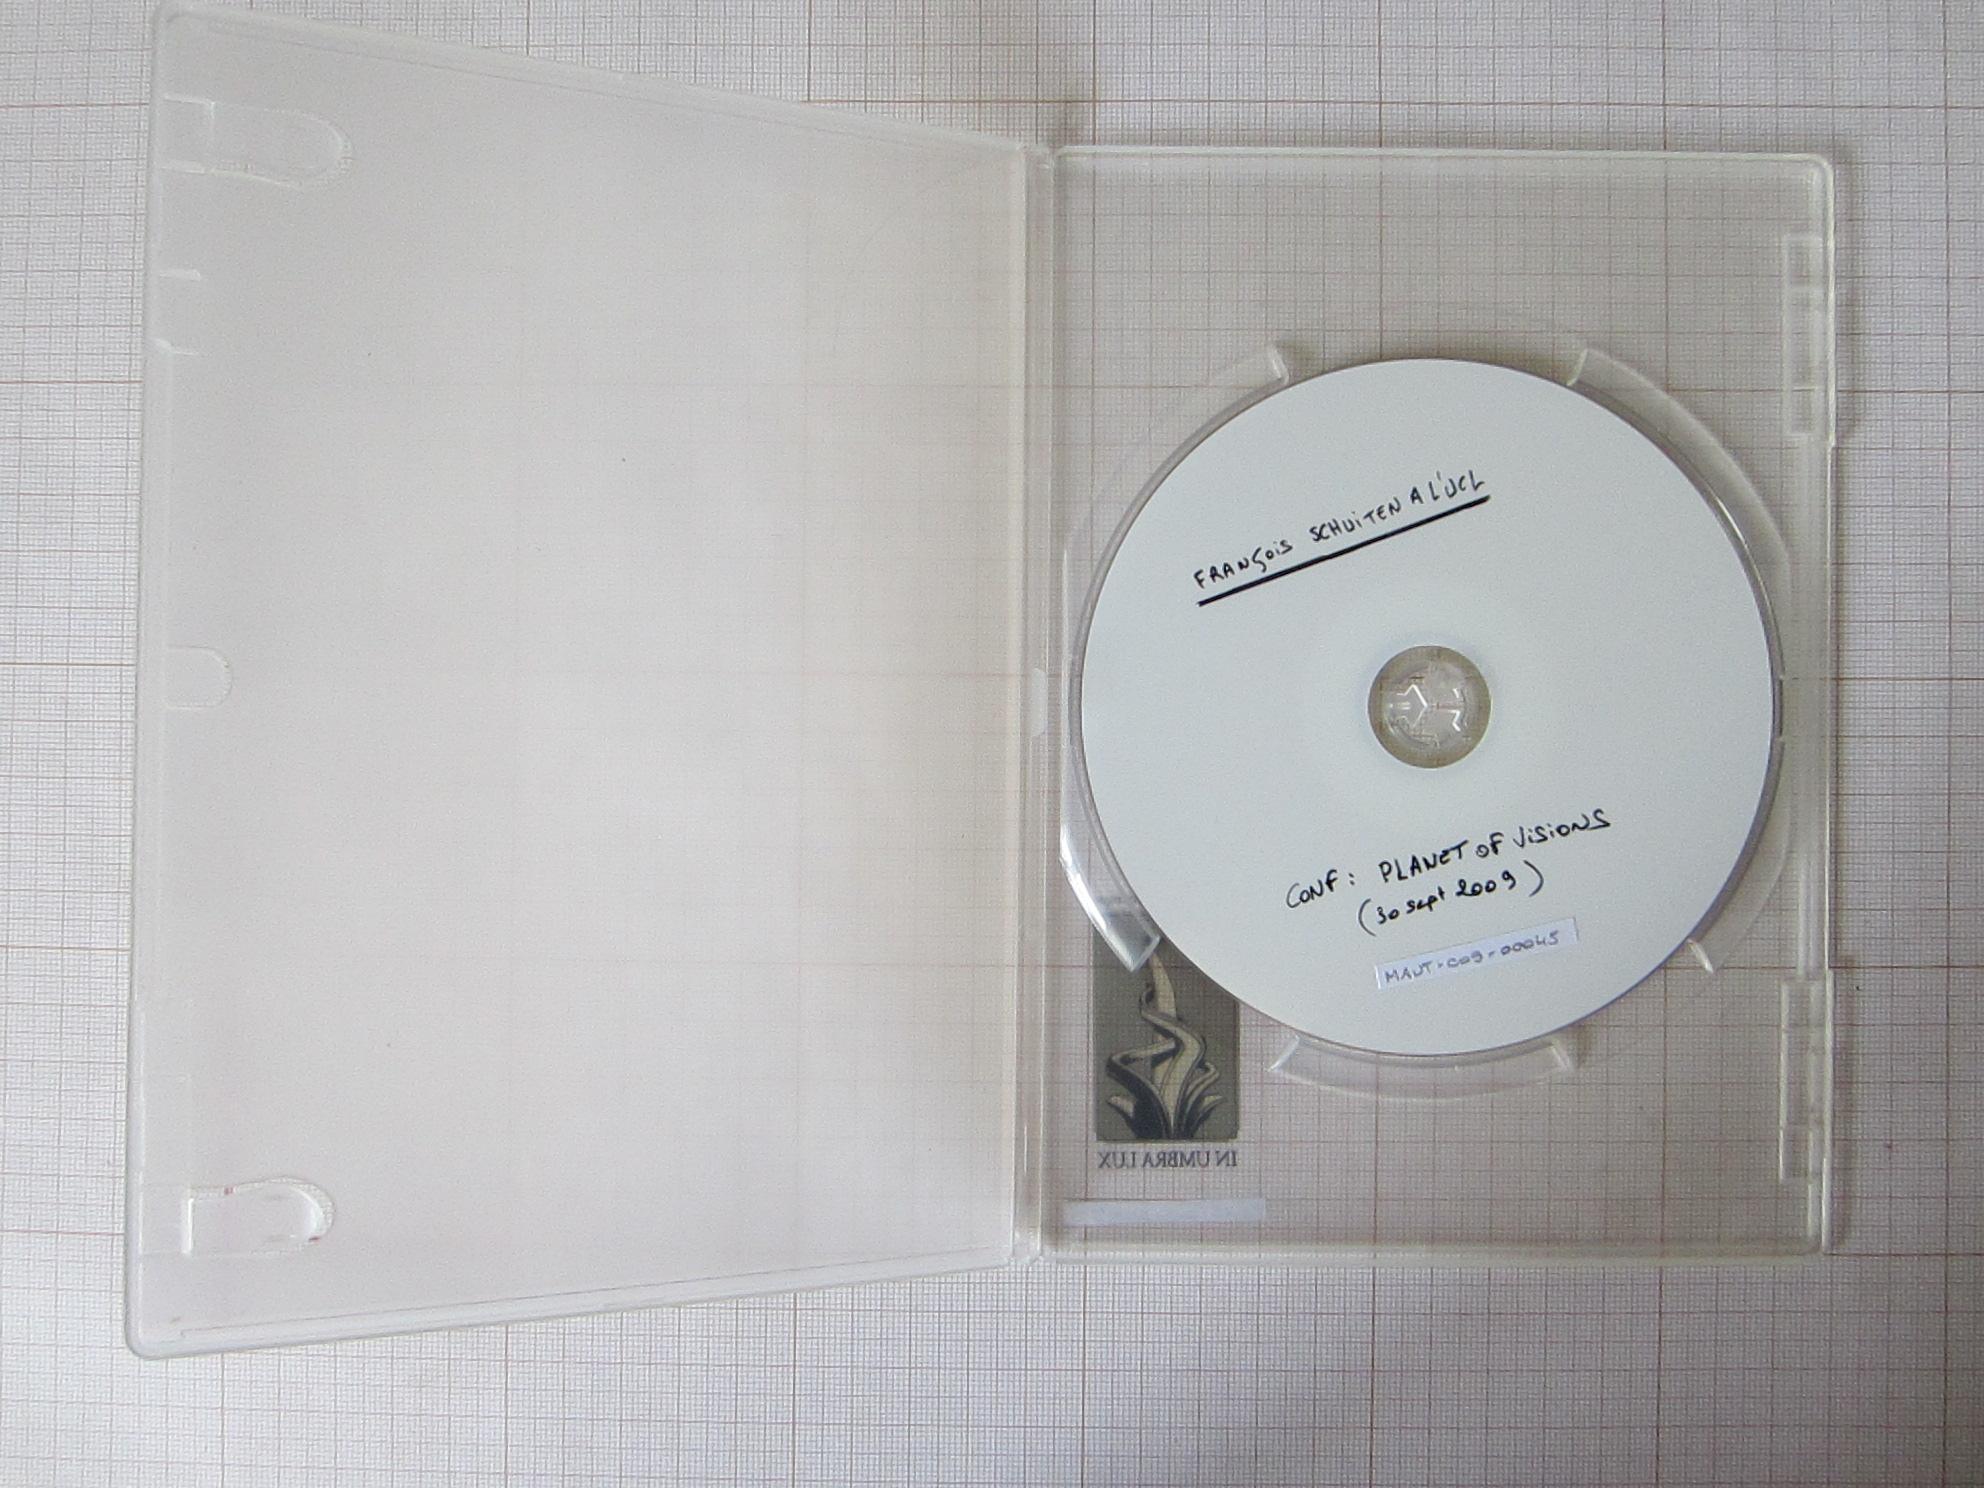 Cycle de conférences. François Schuiten à l'UCL : Planet of visions© Maison Autrique, 2009